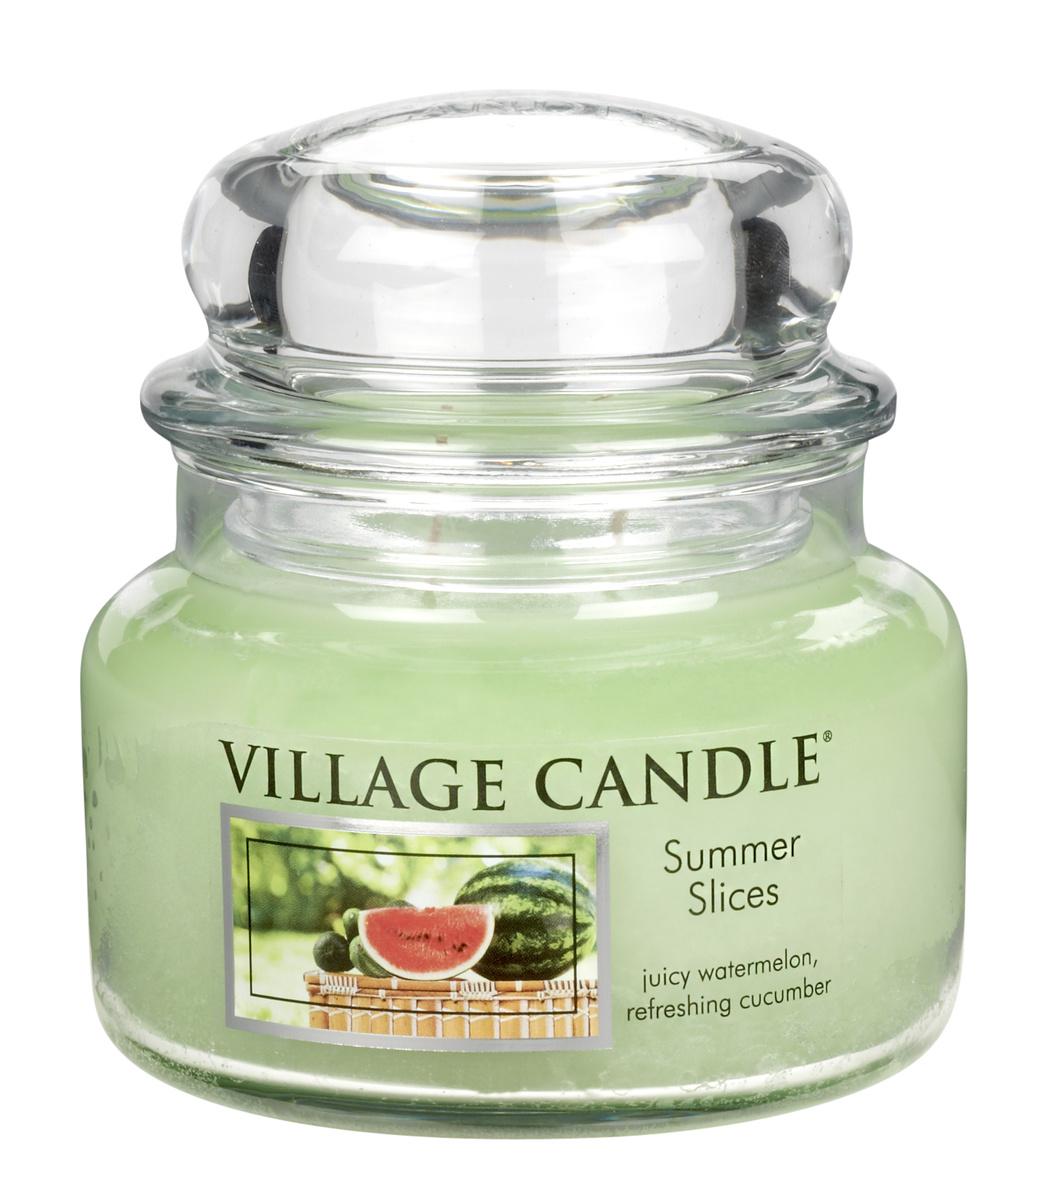 Village Candle Vonná svíčka, Letní pohoda - Summer Slices, 269 g, 269 g